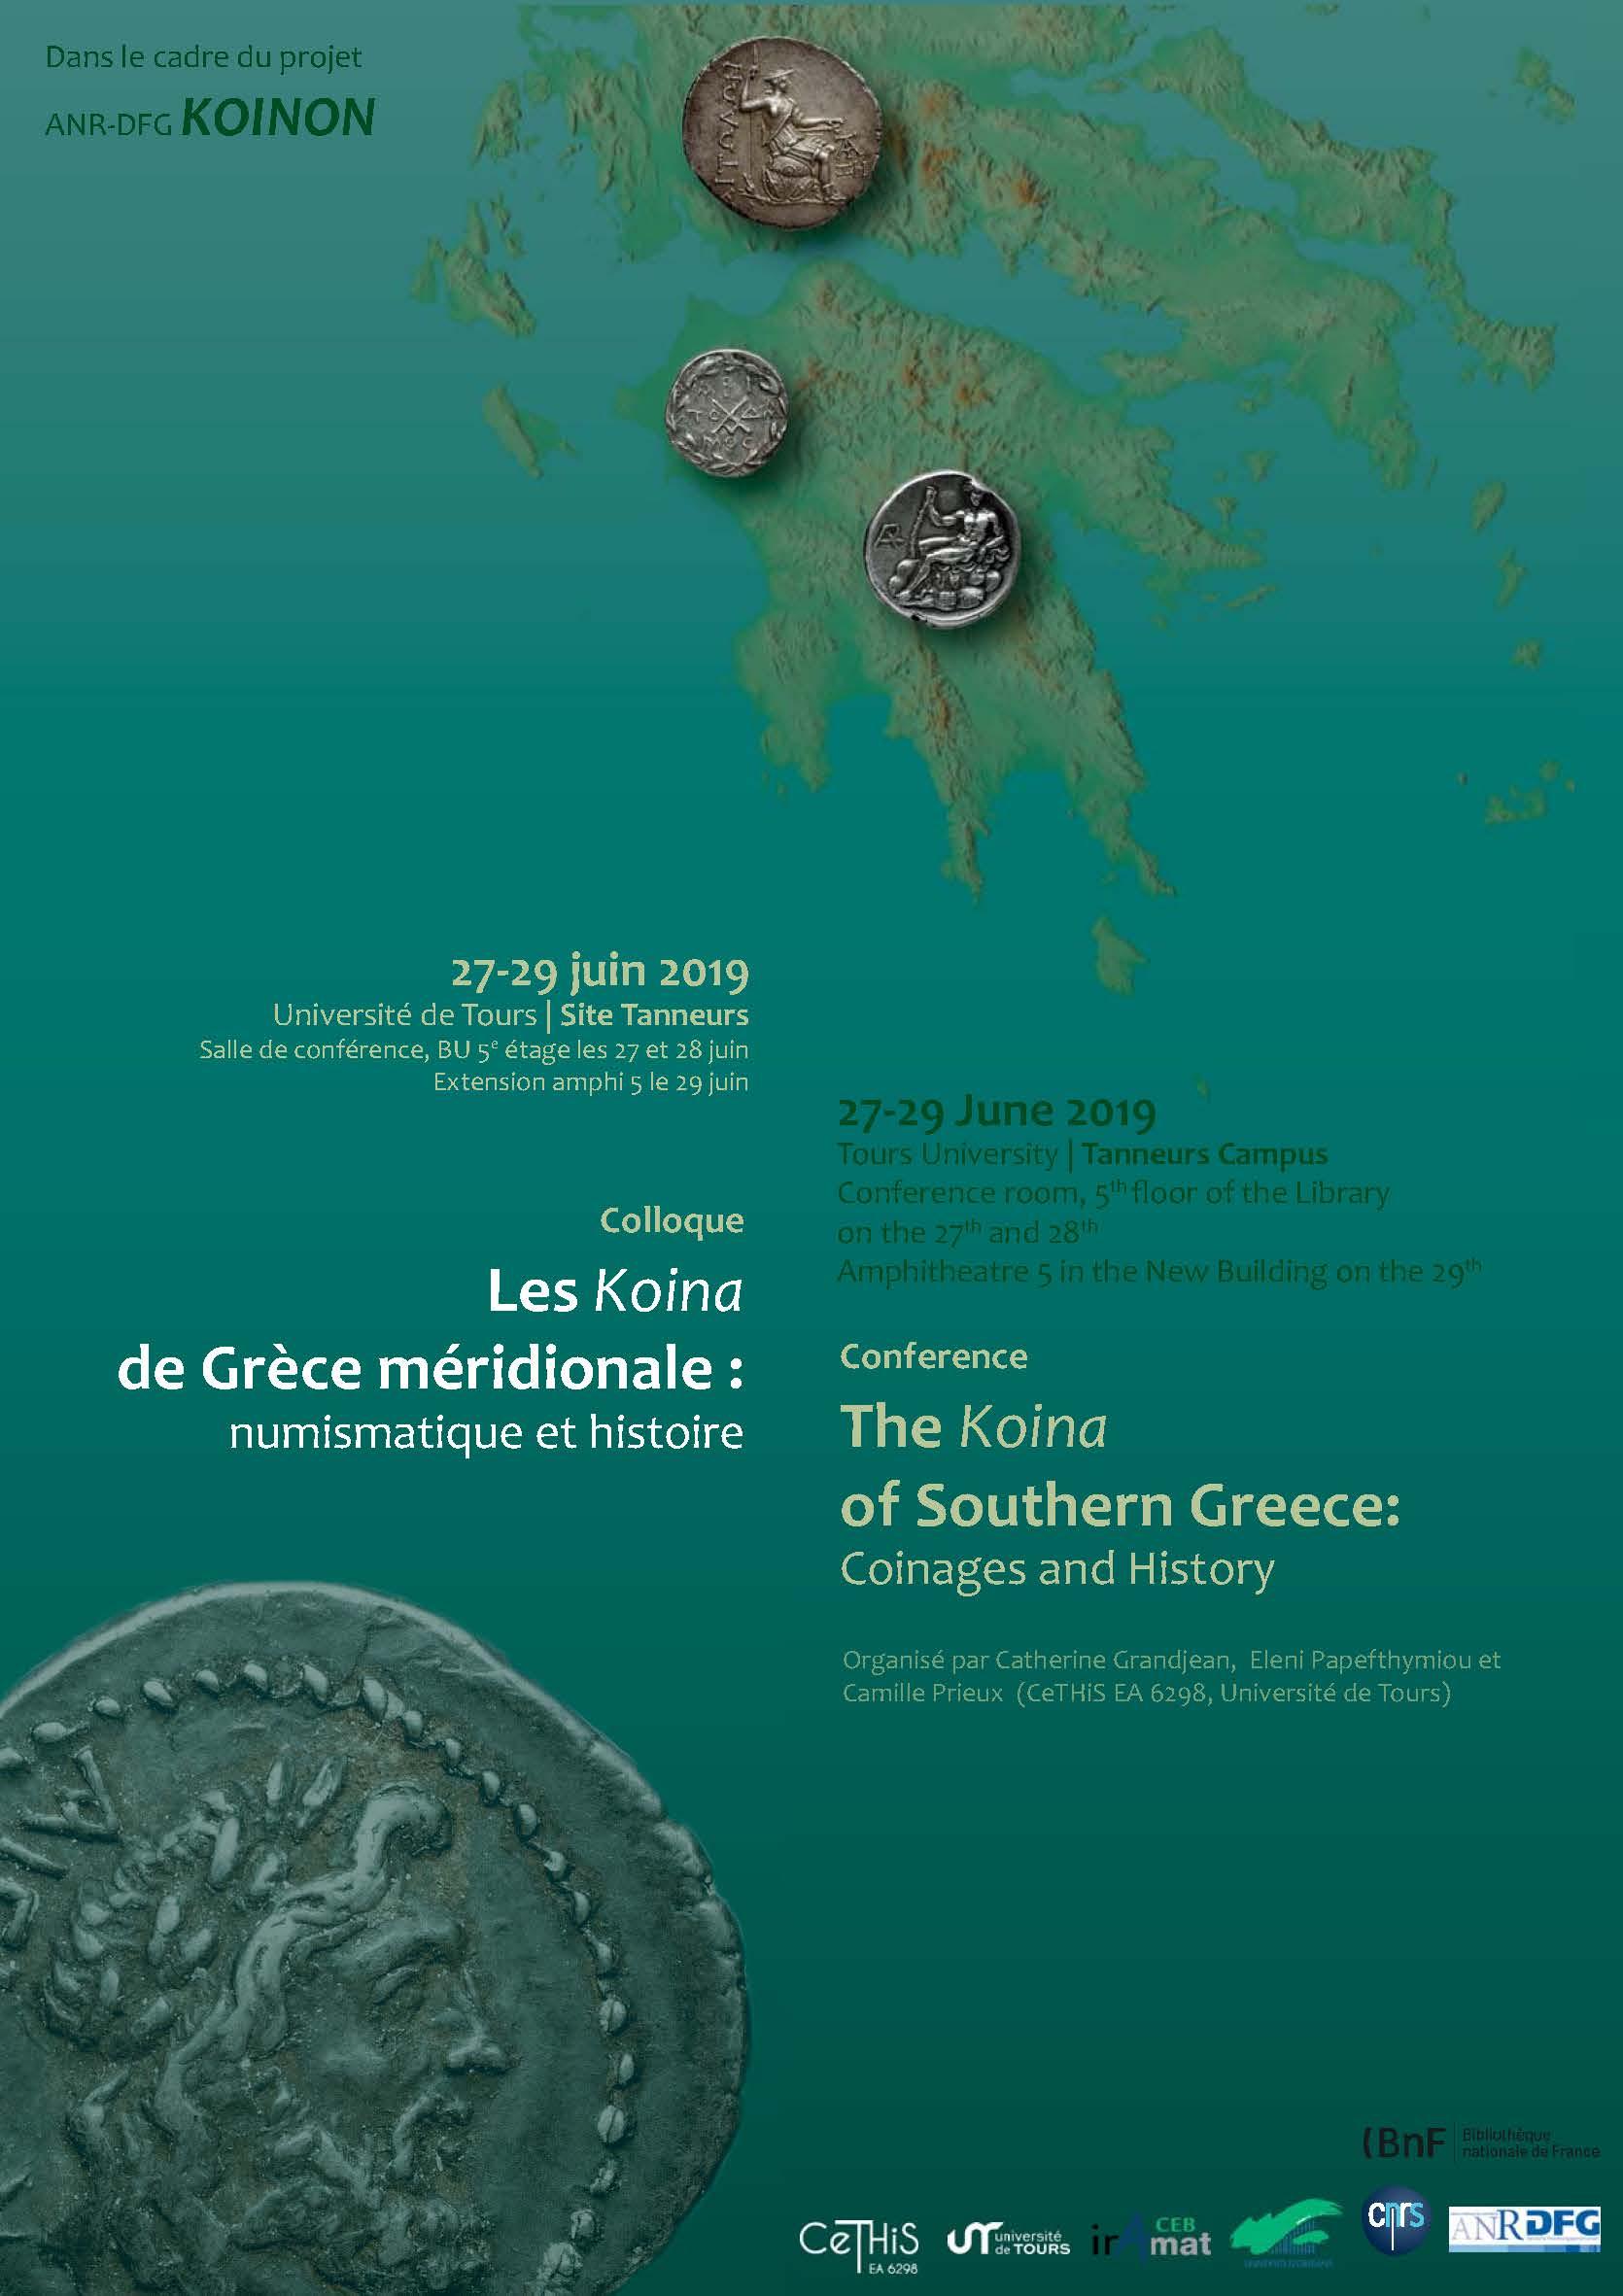 Affiche colloque Les Koina de Grèce méridionale